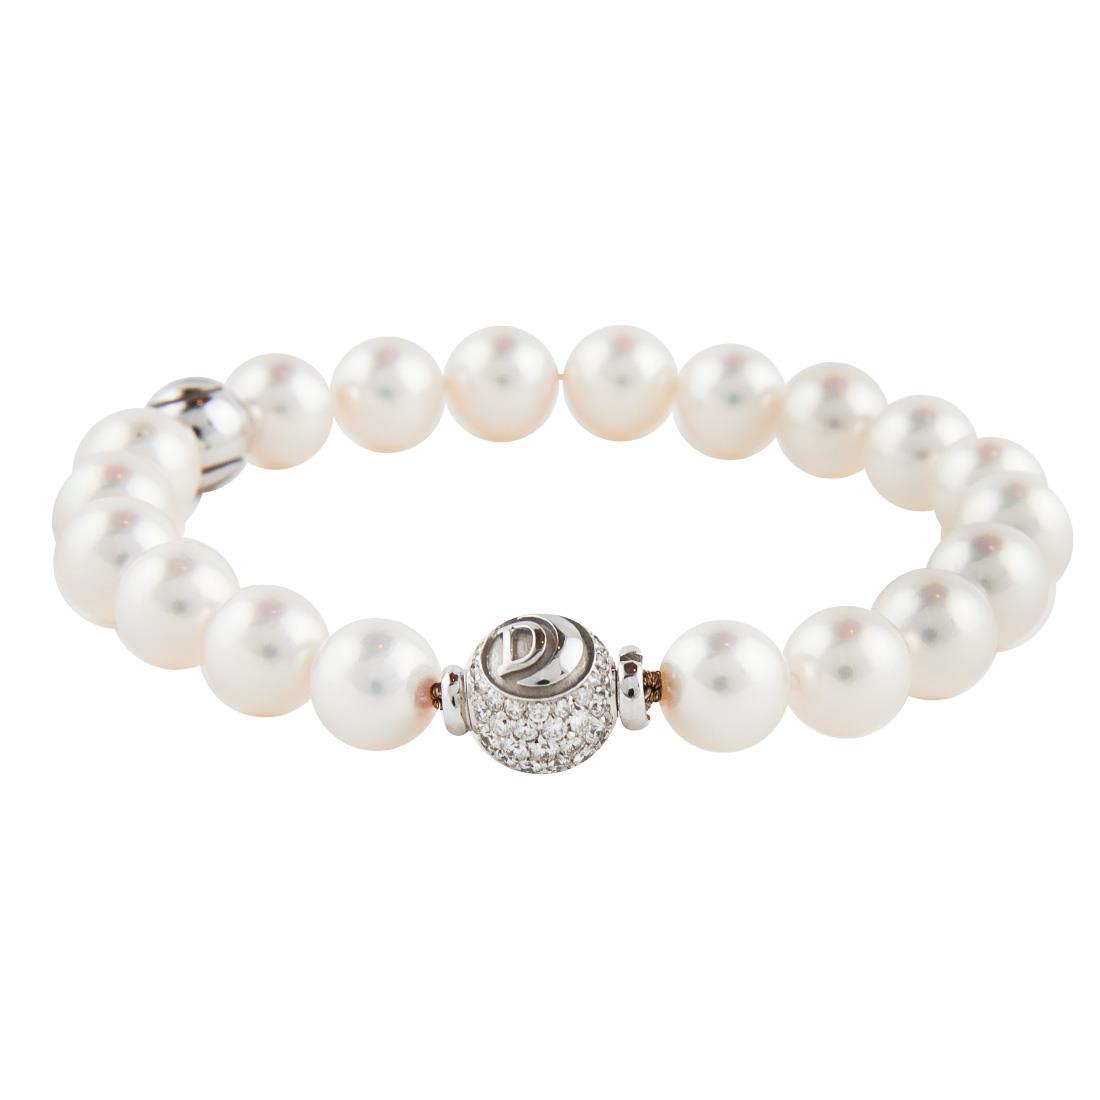 Bracciale di perle e oro bianco con diamanti ct 0.88 - DAMIANI